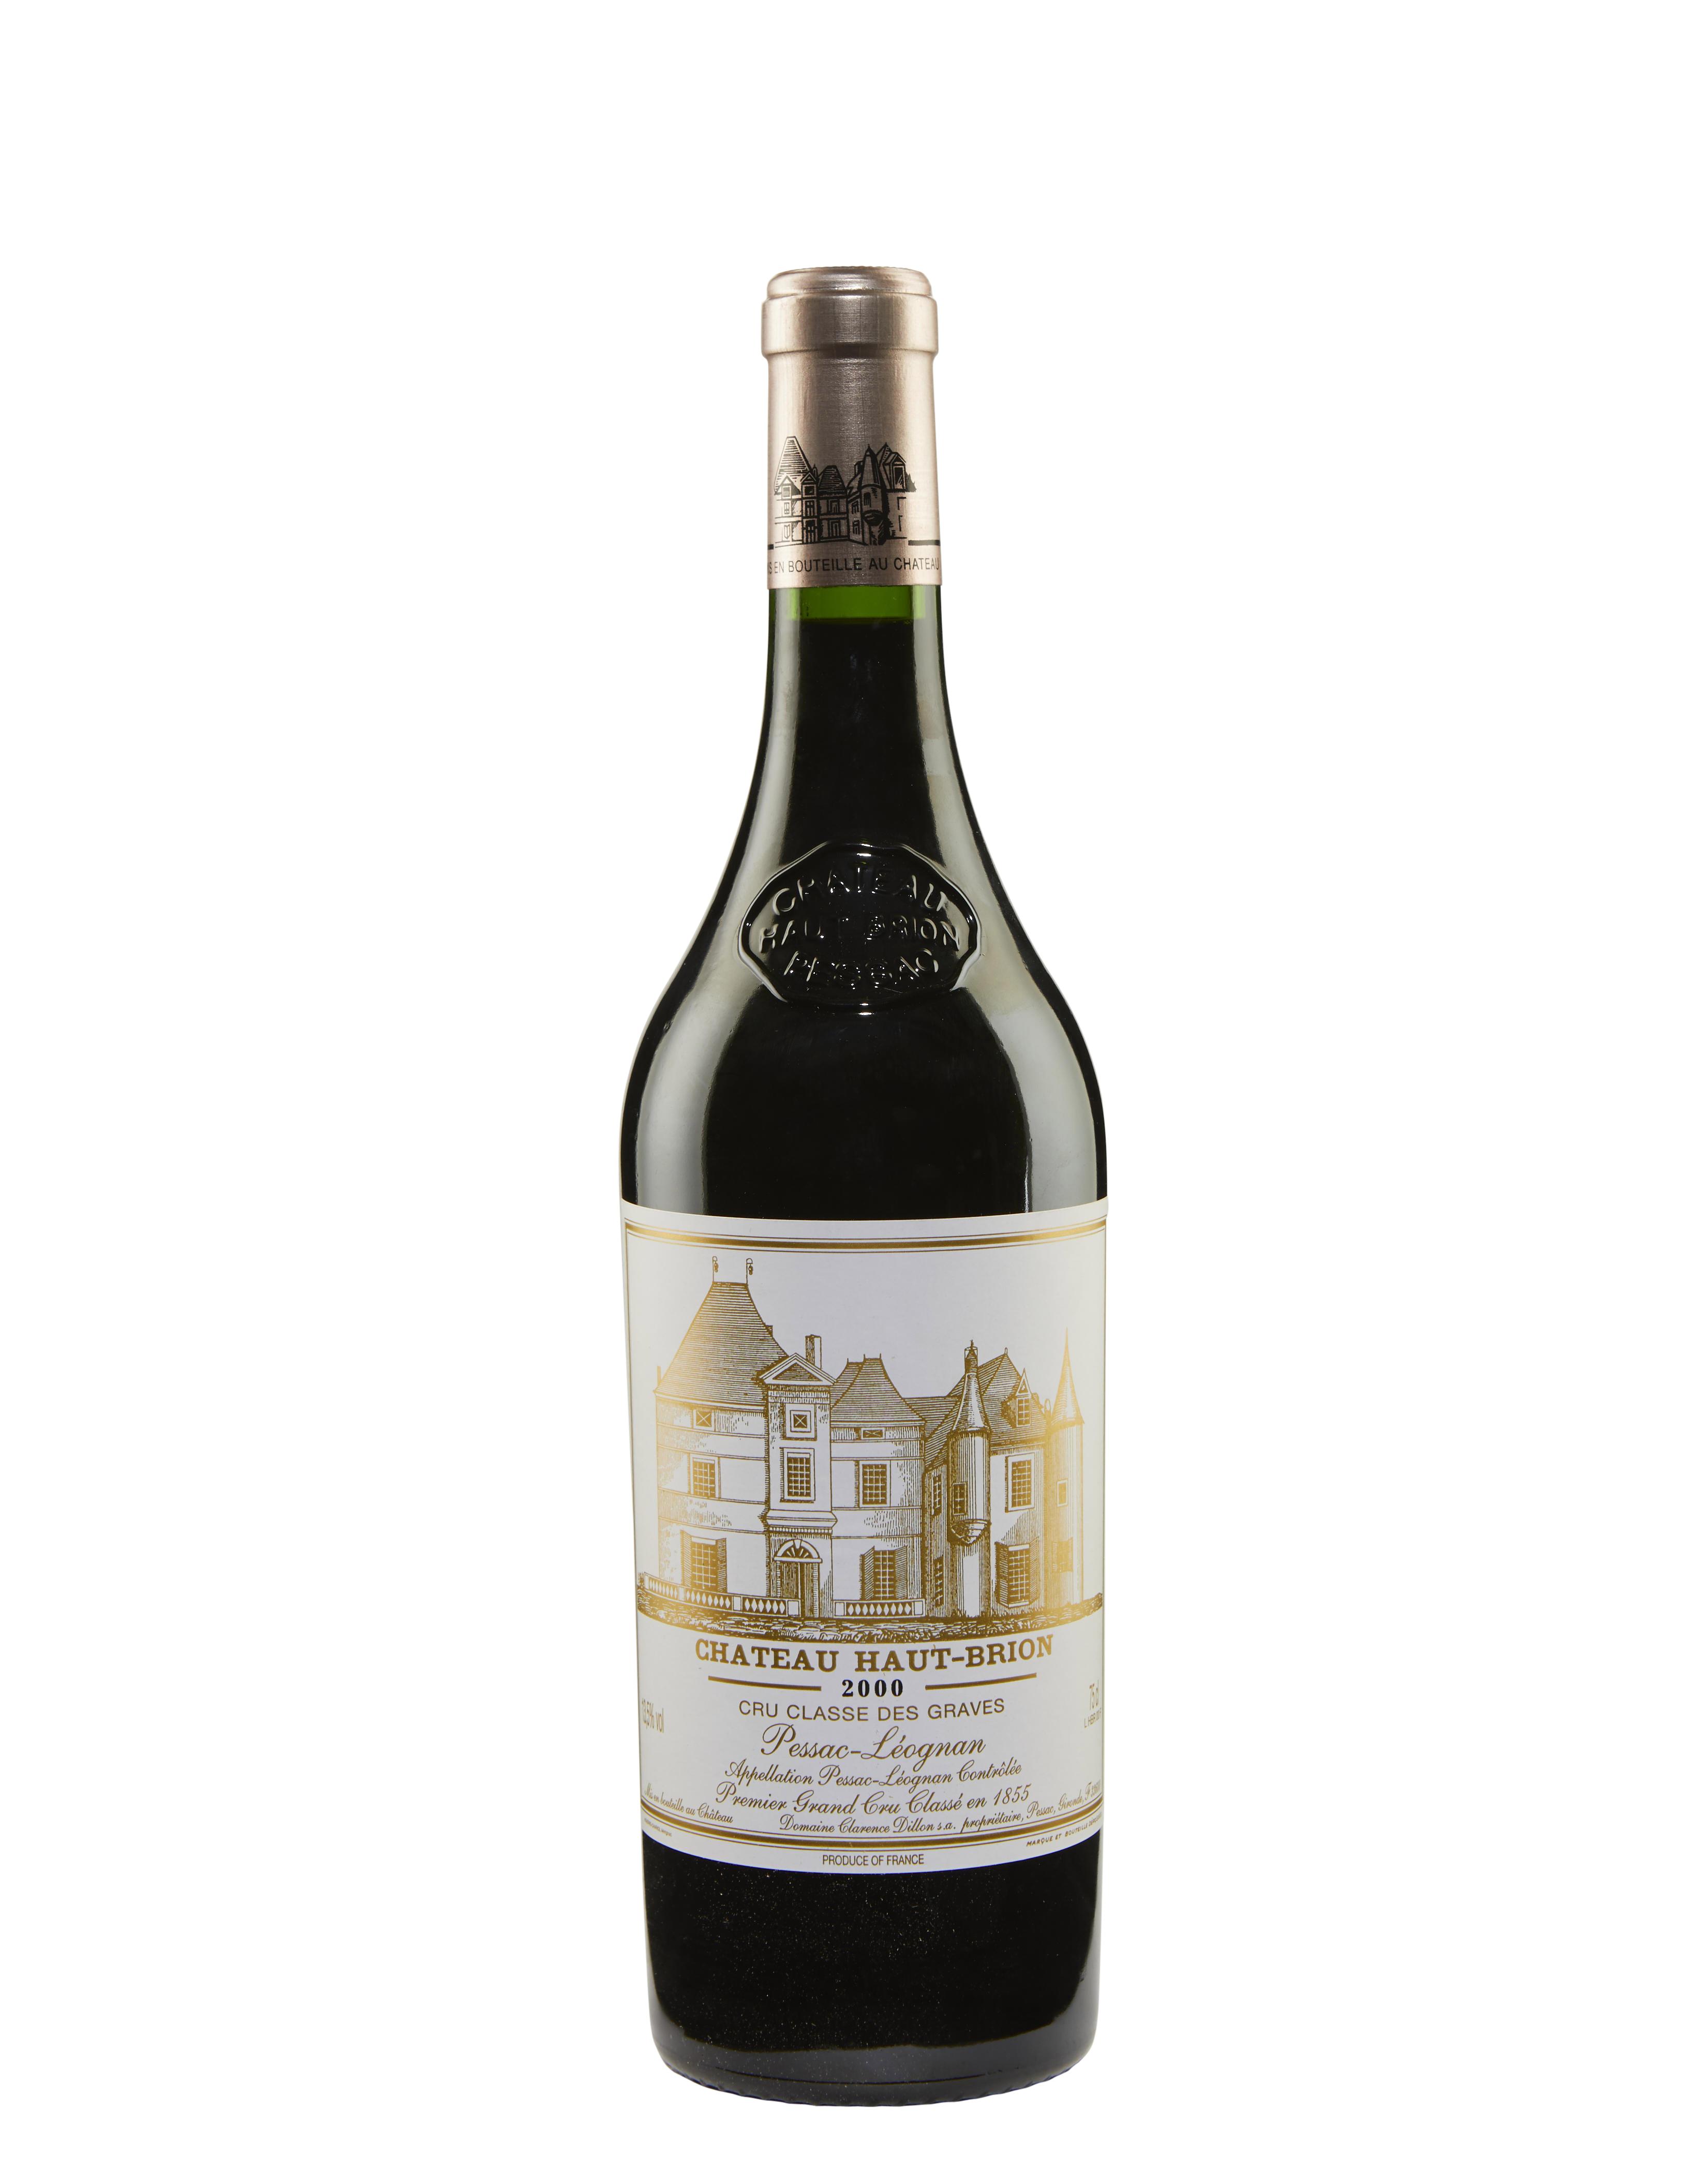 Château Haut-Brion 2000, Pessac (Graves), 1er cru classé. Sold for $17,500, 30 Jul 2019, Online